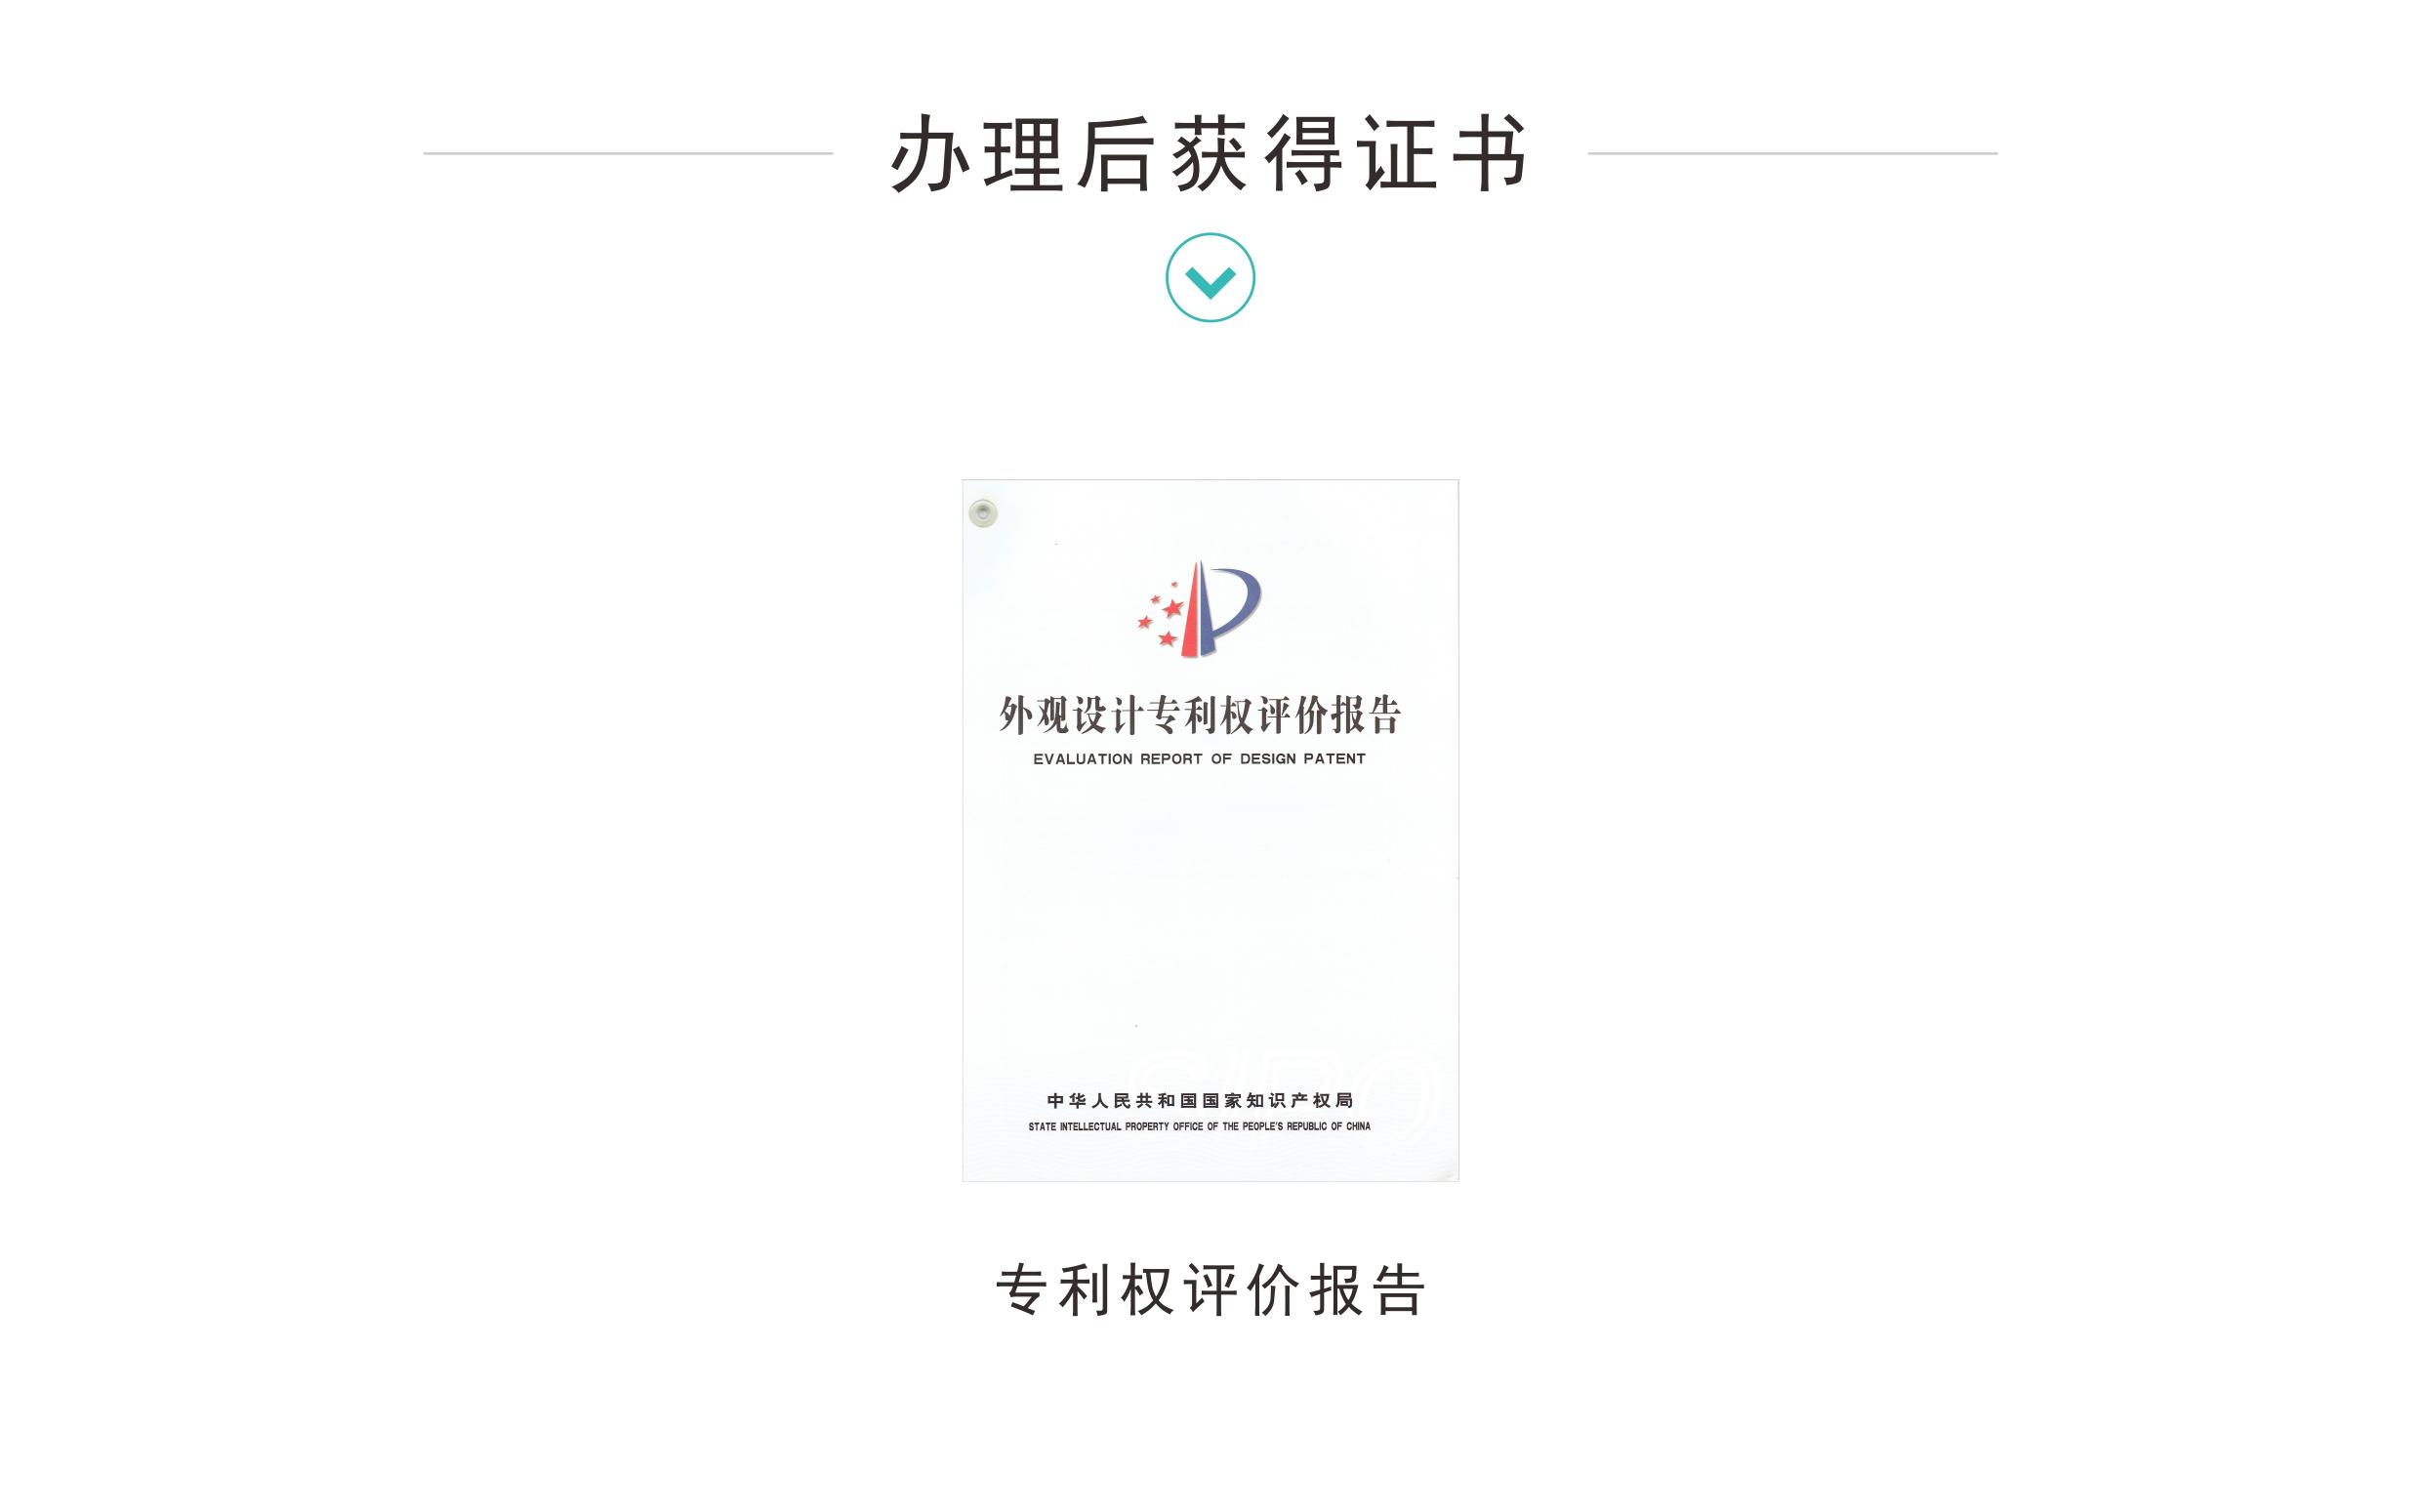 汕头专利权评价报告申请